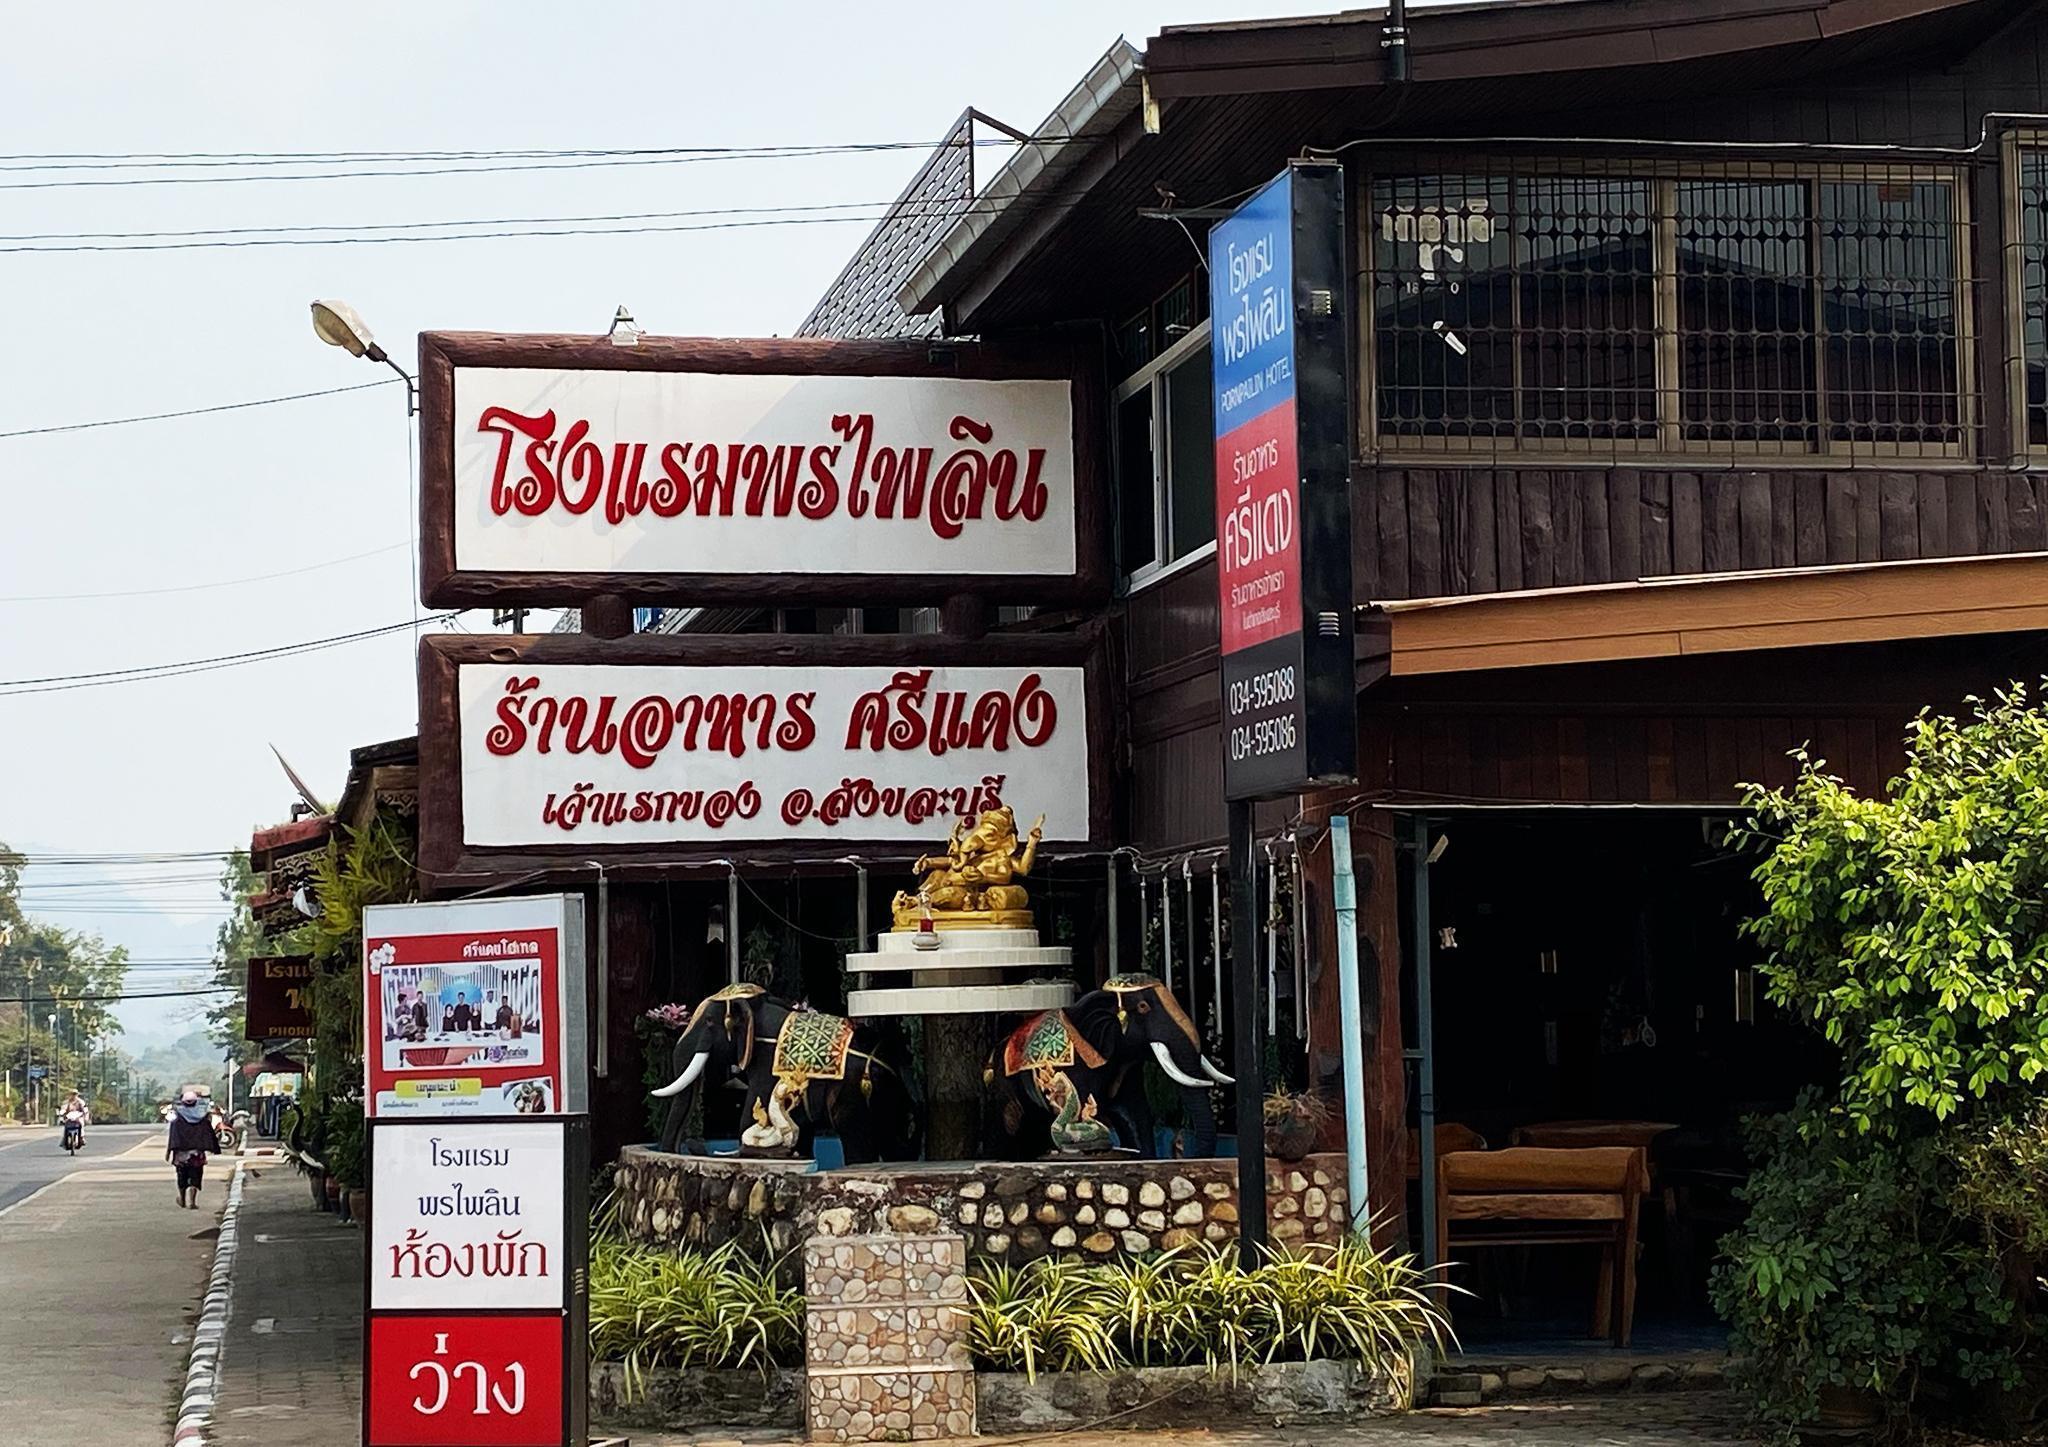 Phorn Phailin Hotel (Sridang) สตูดิโอ อพาร์ตเมนต์ 10 ห้องน้ำส่วนตัว ขนาด 16 ตร.ม. – สังขละบุรี